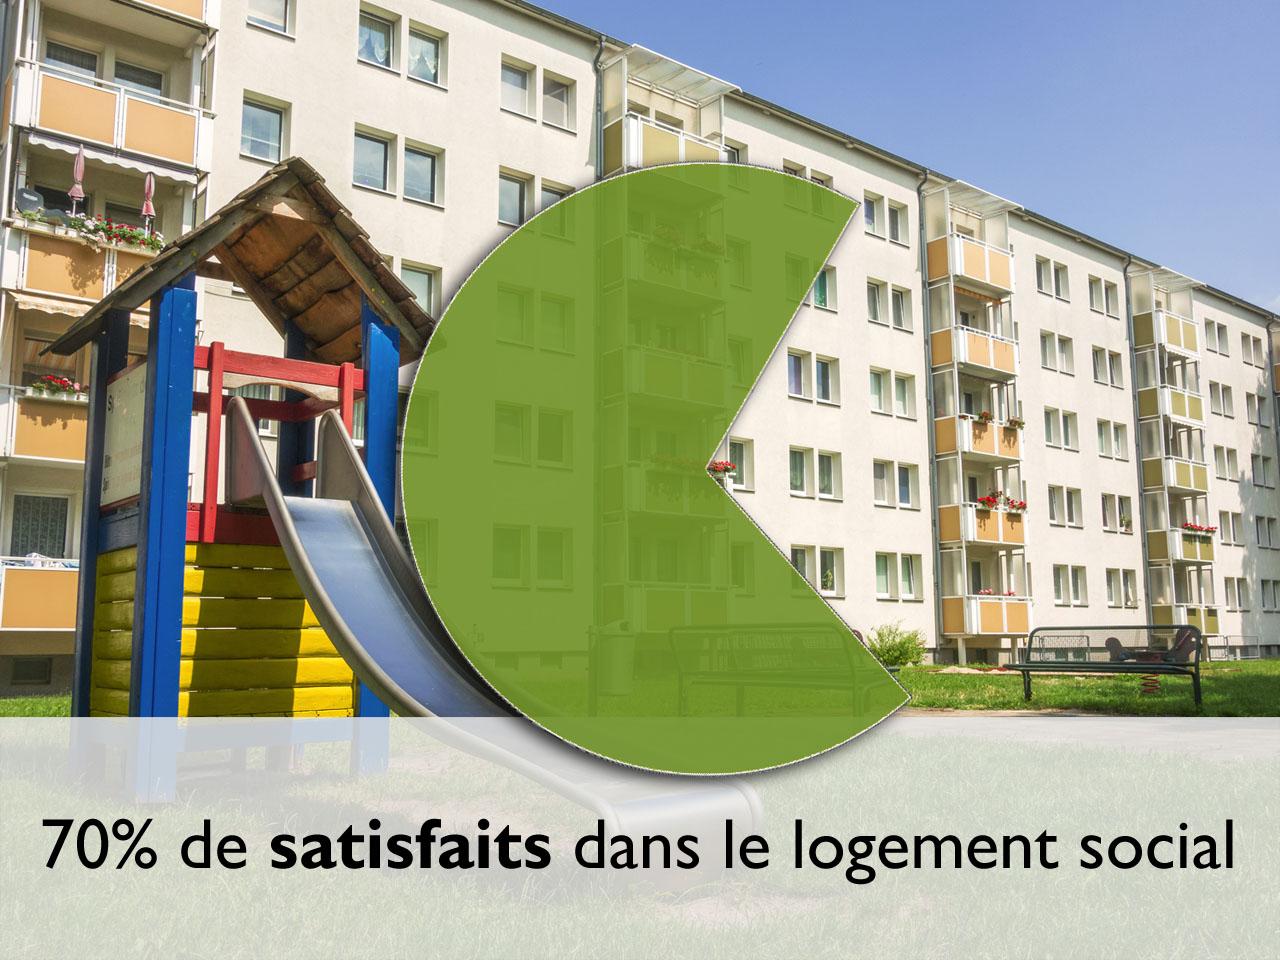 Enquête sur la qualité de vie dans le logement social